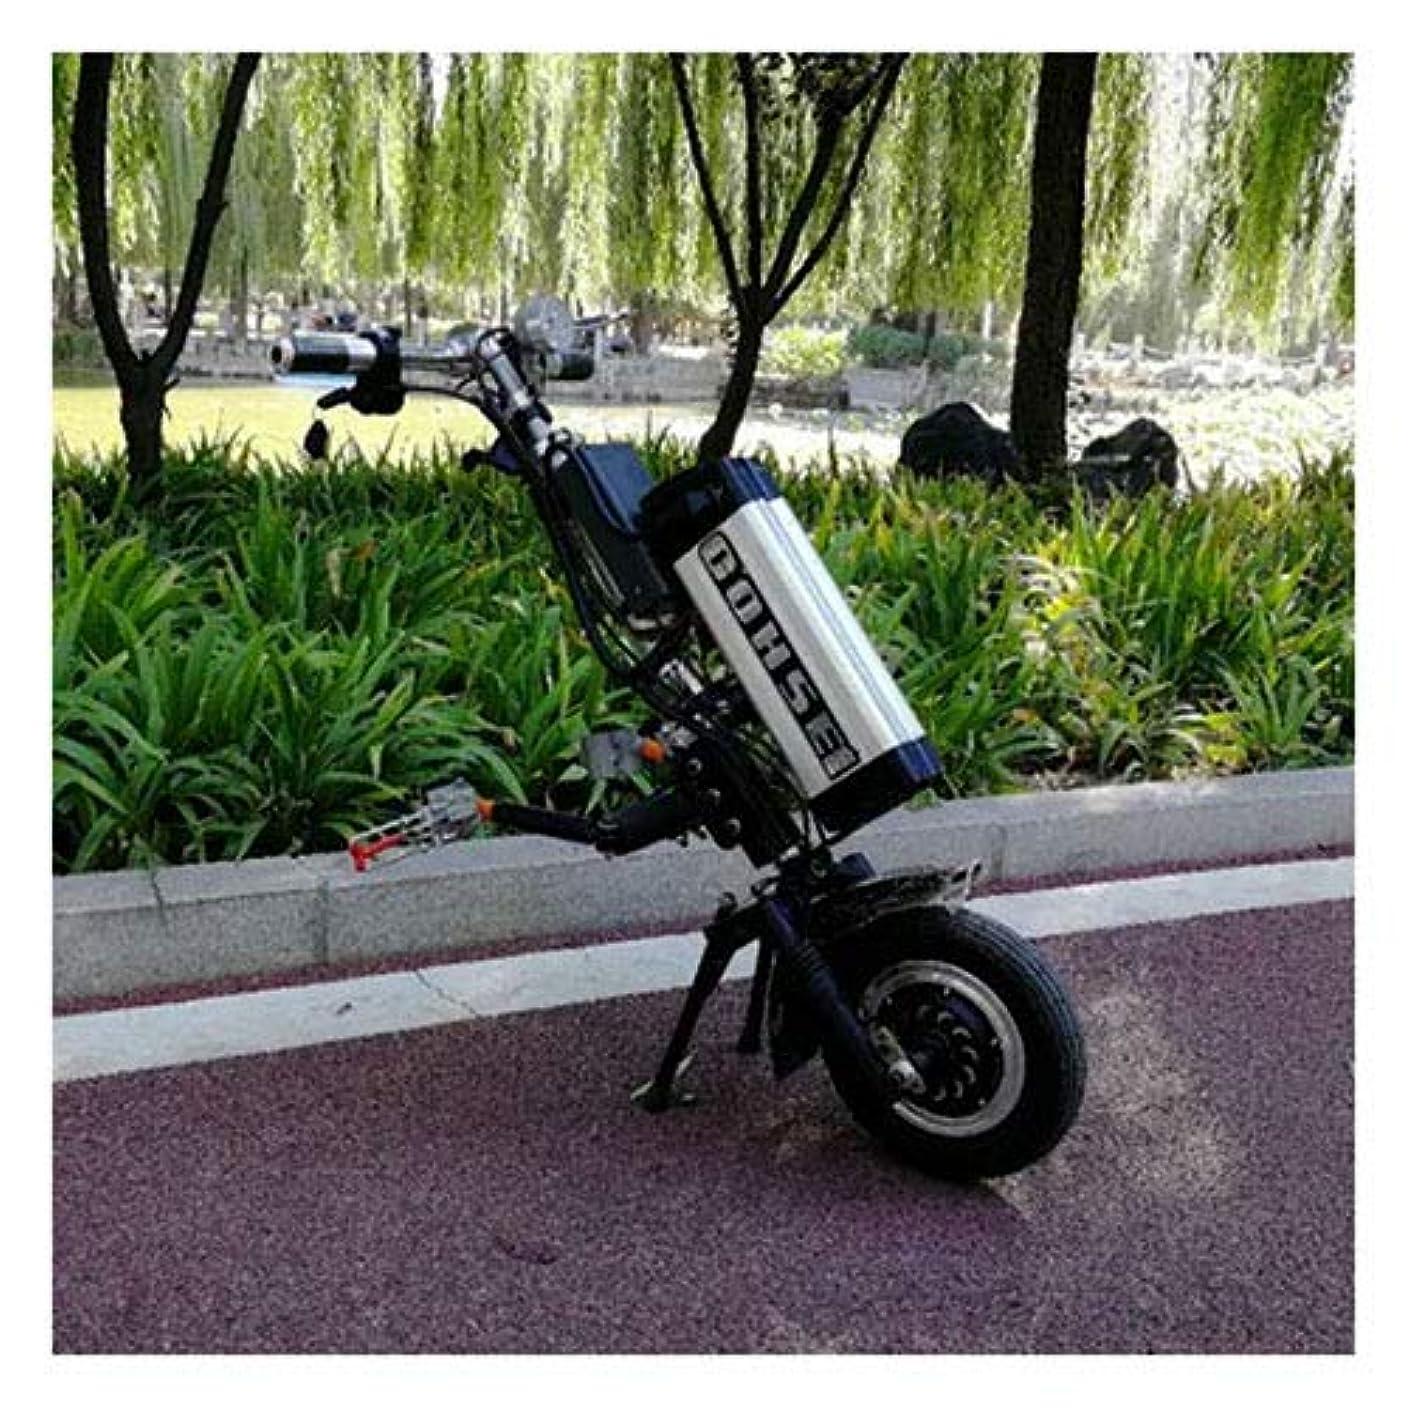 ペレグリネーション南アメリカ行進HATHOR-23 電気接続可能 ハンドサイクル ために 車椅子、 リチウム 電池 液体 クリスタルディスプレイ、 三速 シフトハンド ブレーキ ディスクブレーキ 車椅子 添付ファイル ハンドバイク